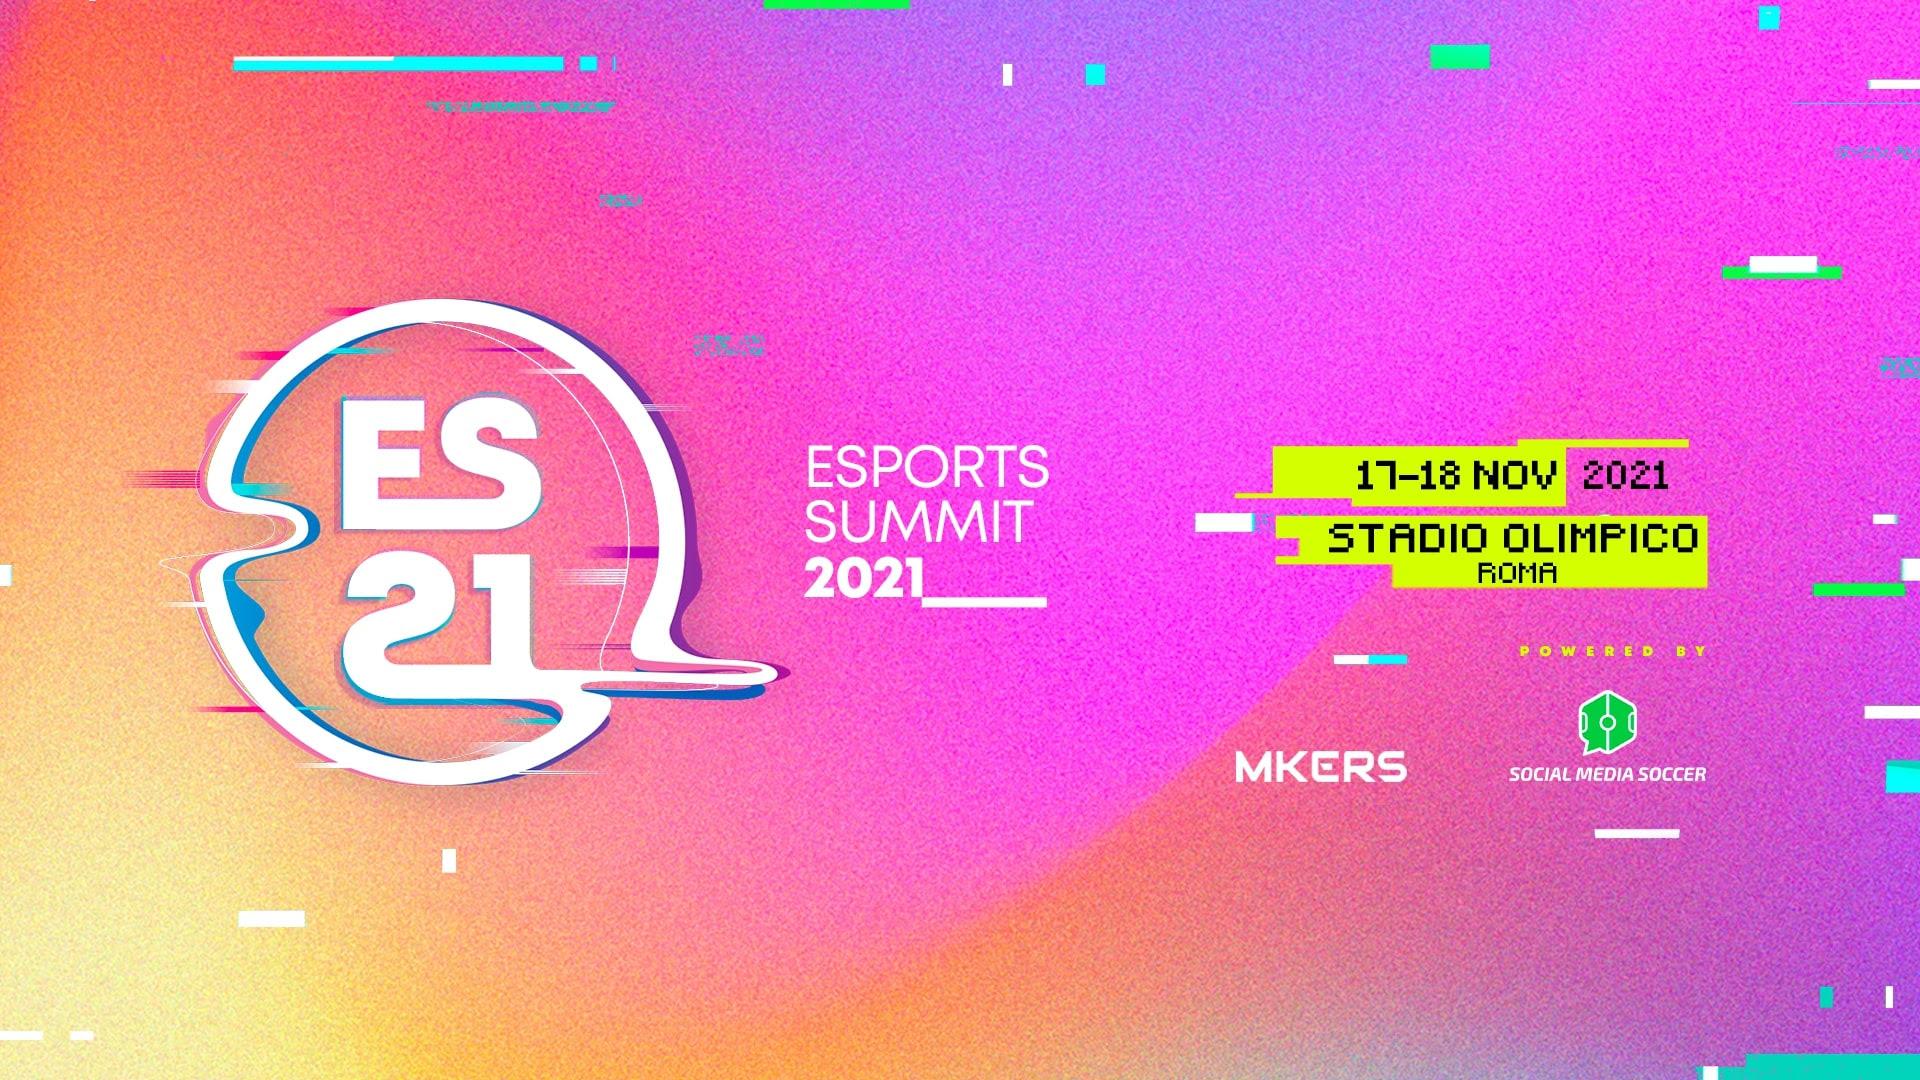 L'Esport Summit 2021 torna a novembre allo Stadio Olimpico di Roma